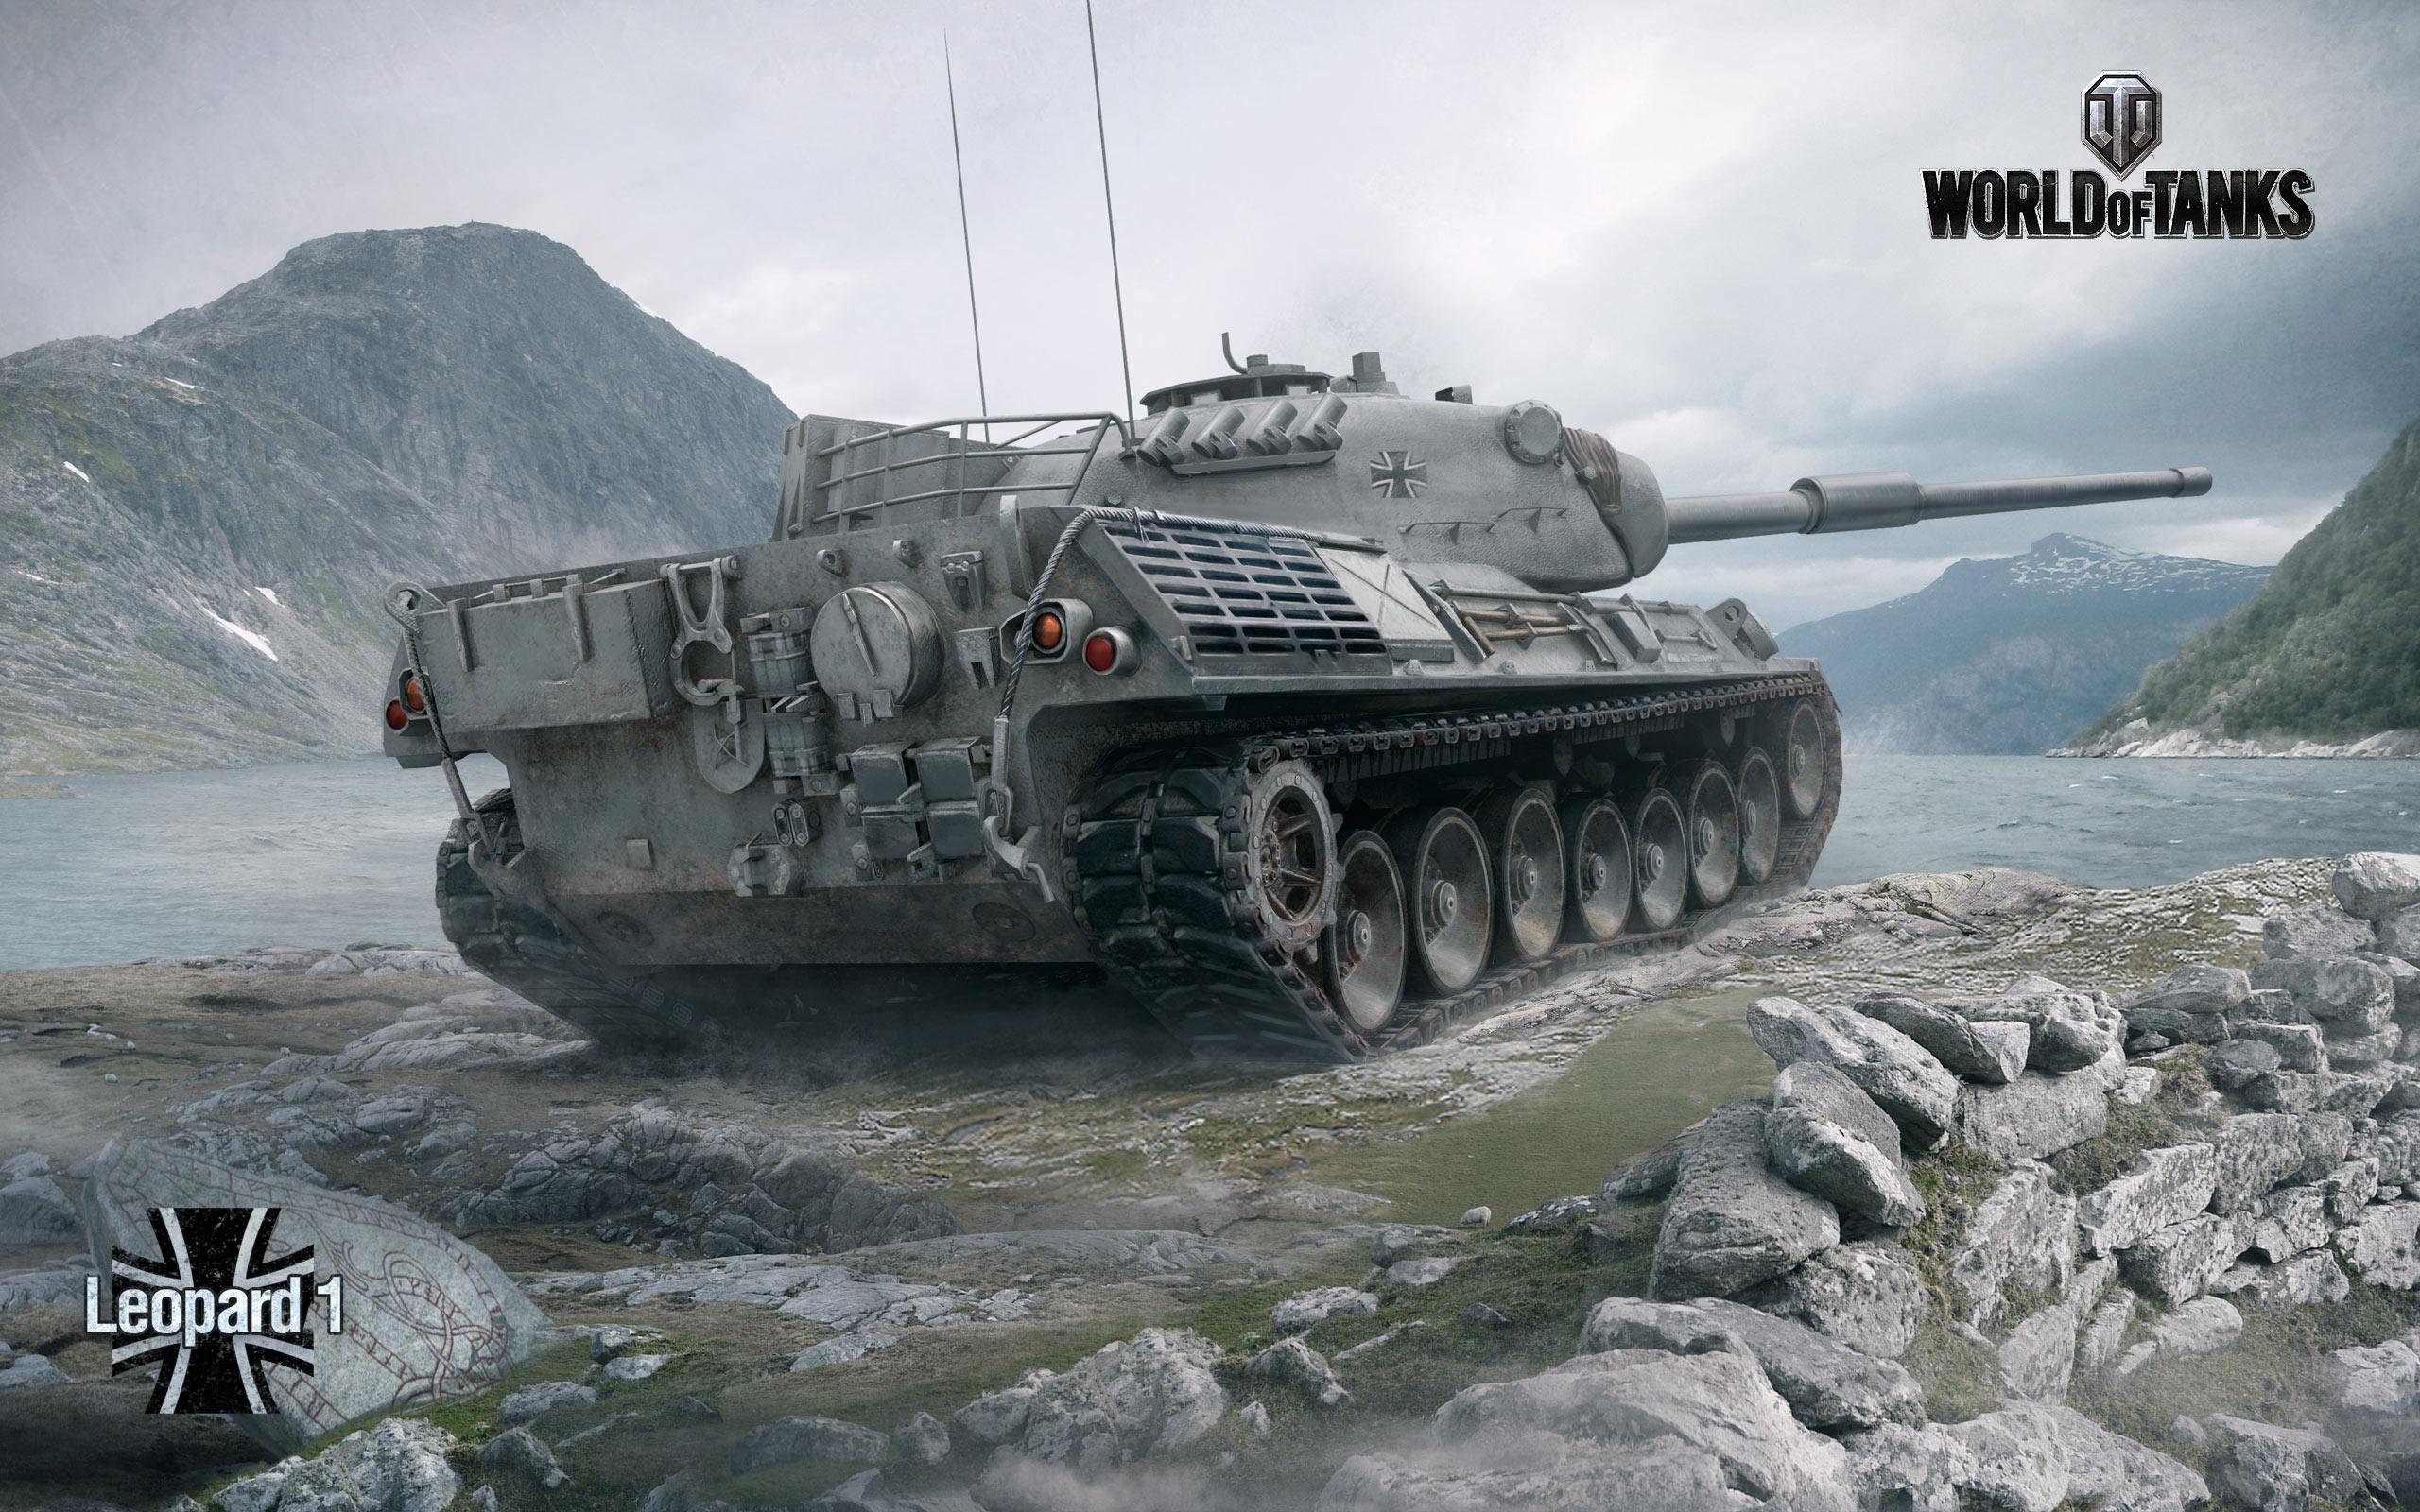 Hd wallpaper leopard - July 2013 Desktop Wallpaper Art World Of Tanks